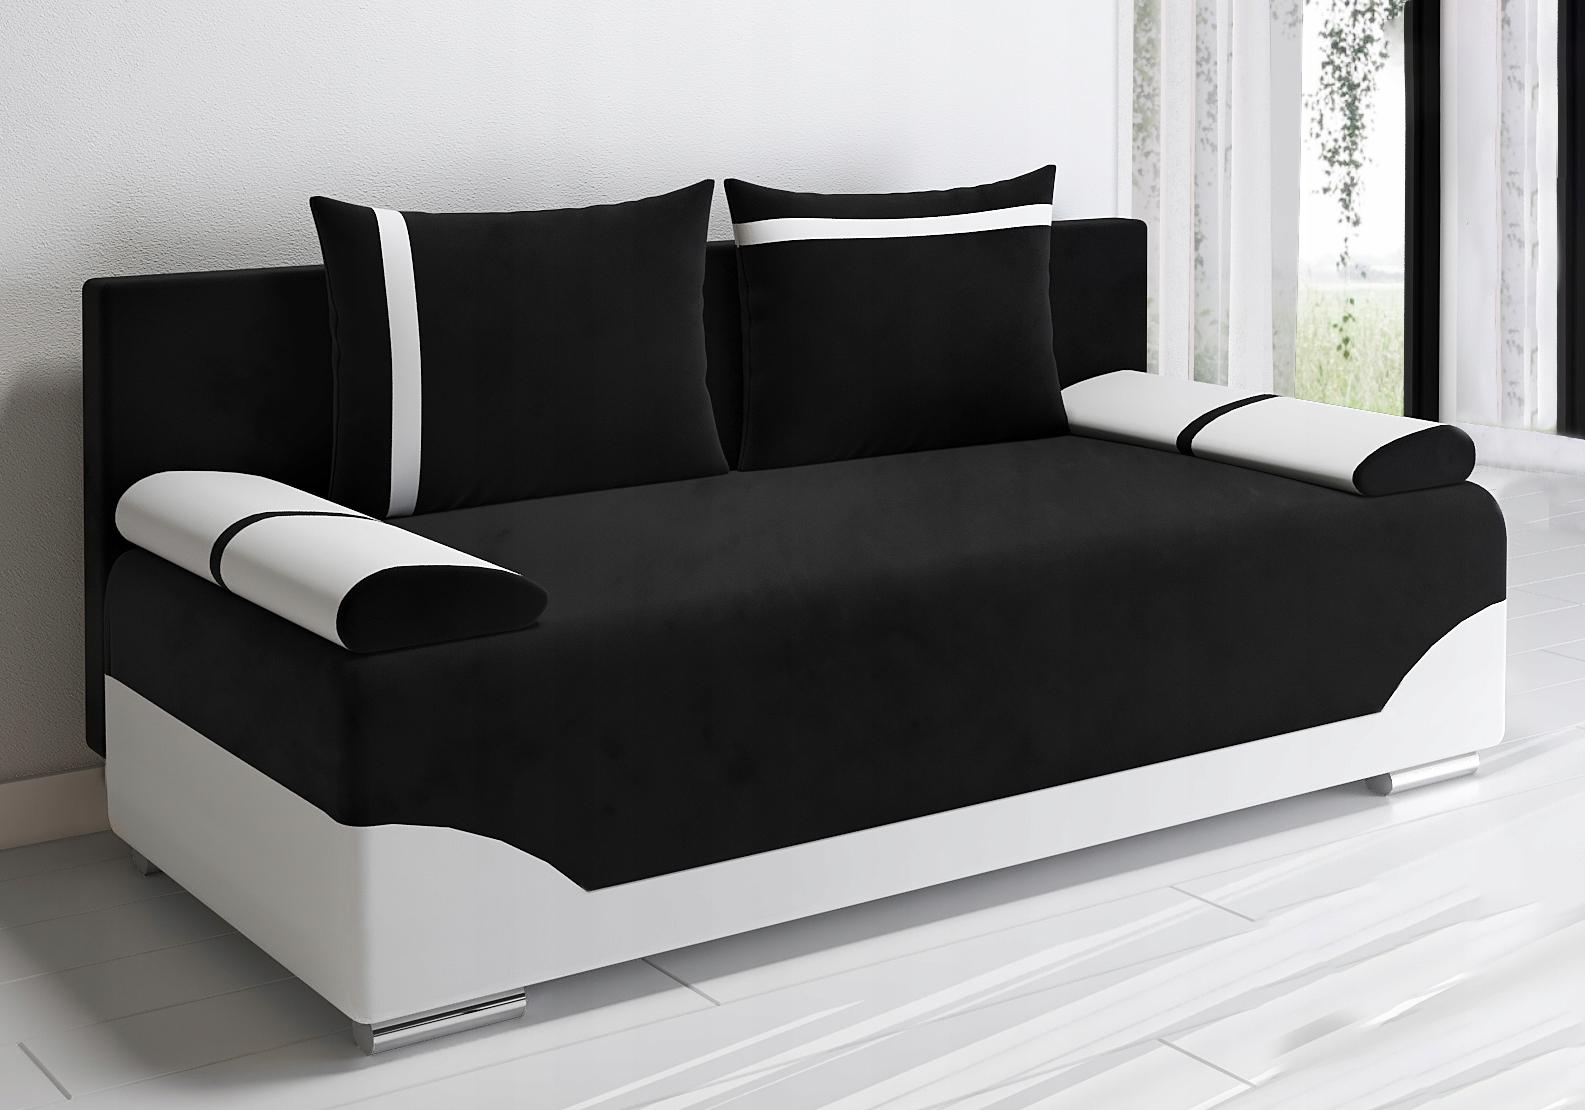 Диван-кровать диван-кровать диван РИККО + КОНТЕЙНЕР